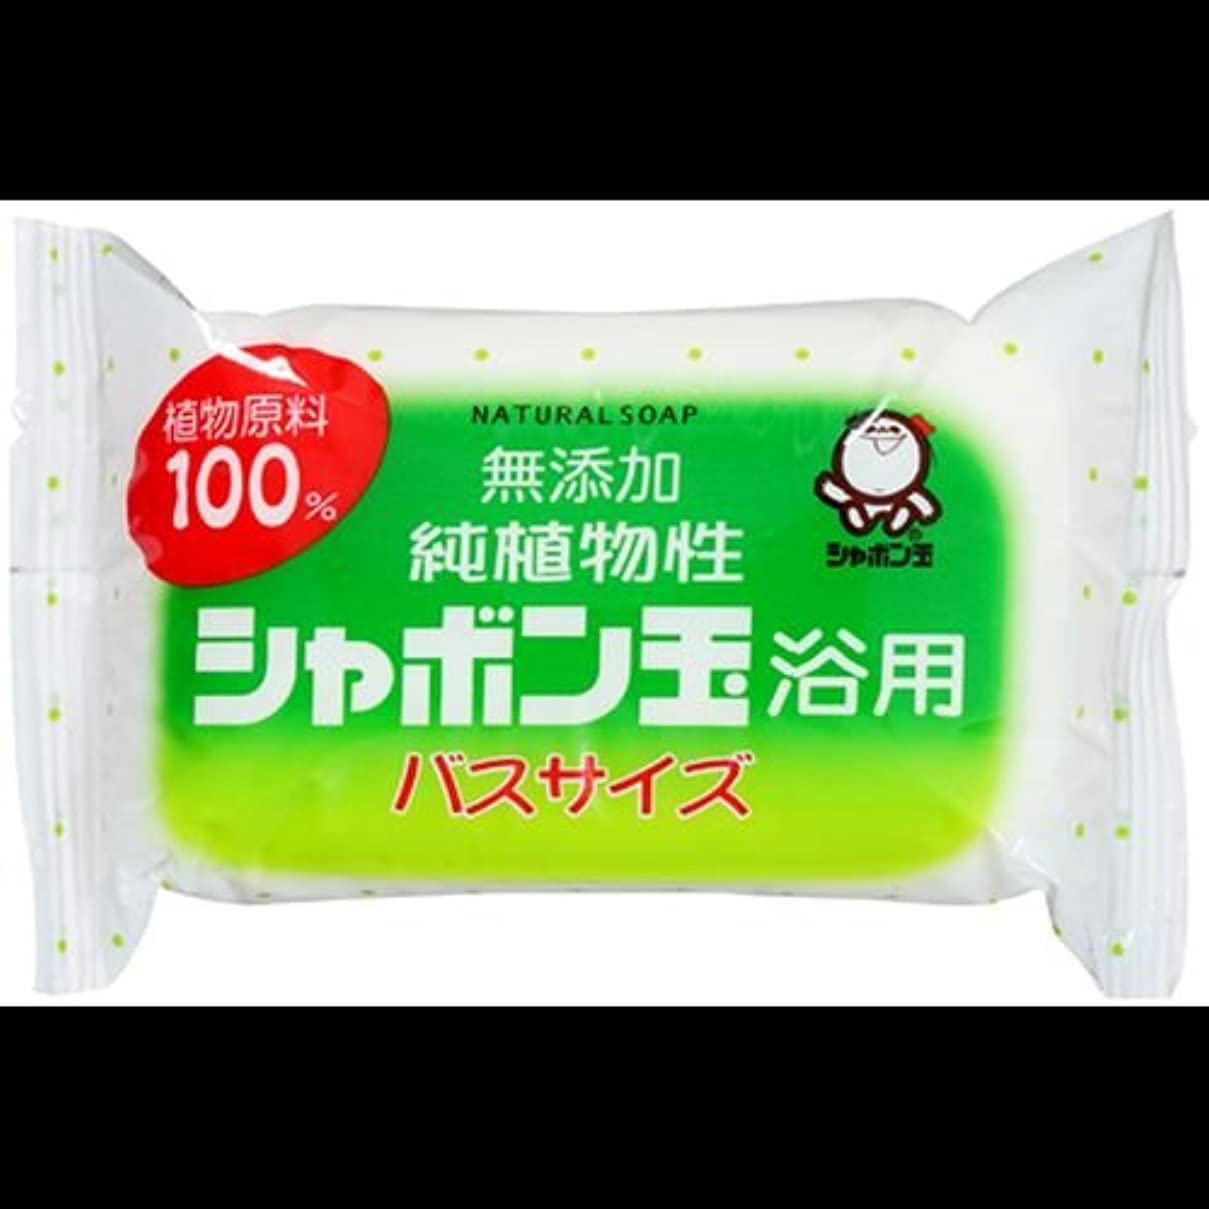 ピアニスト息を切らして協定【まとめ買い】純植物性シャボン玉 浴用 バスサイズ155g ×2セット